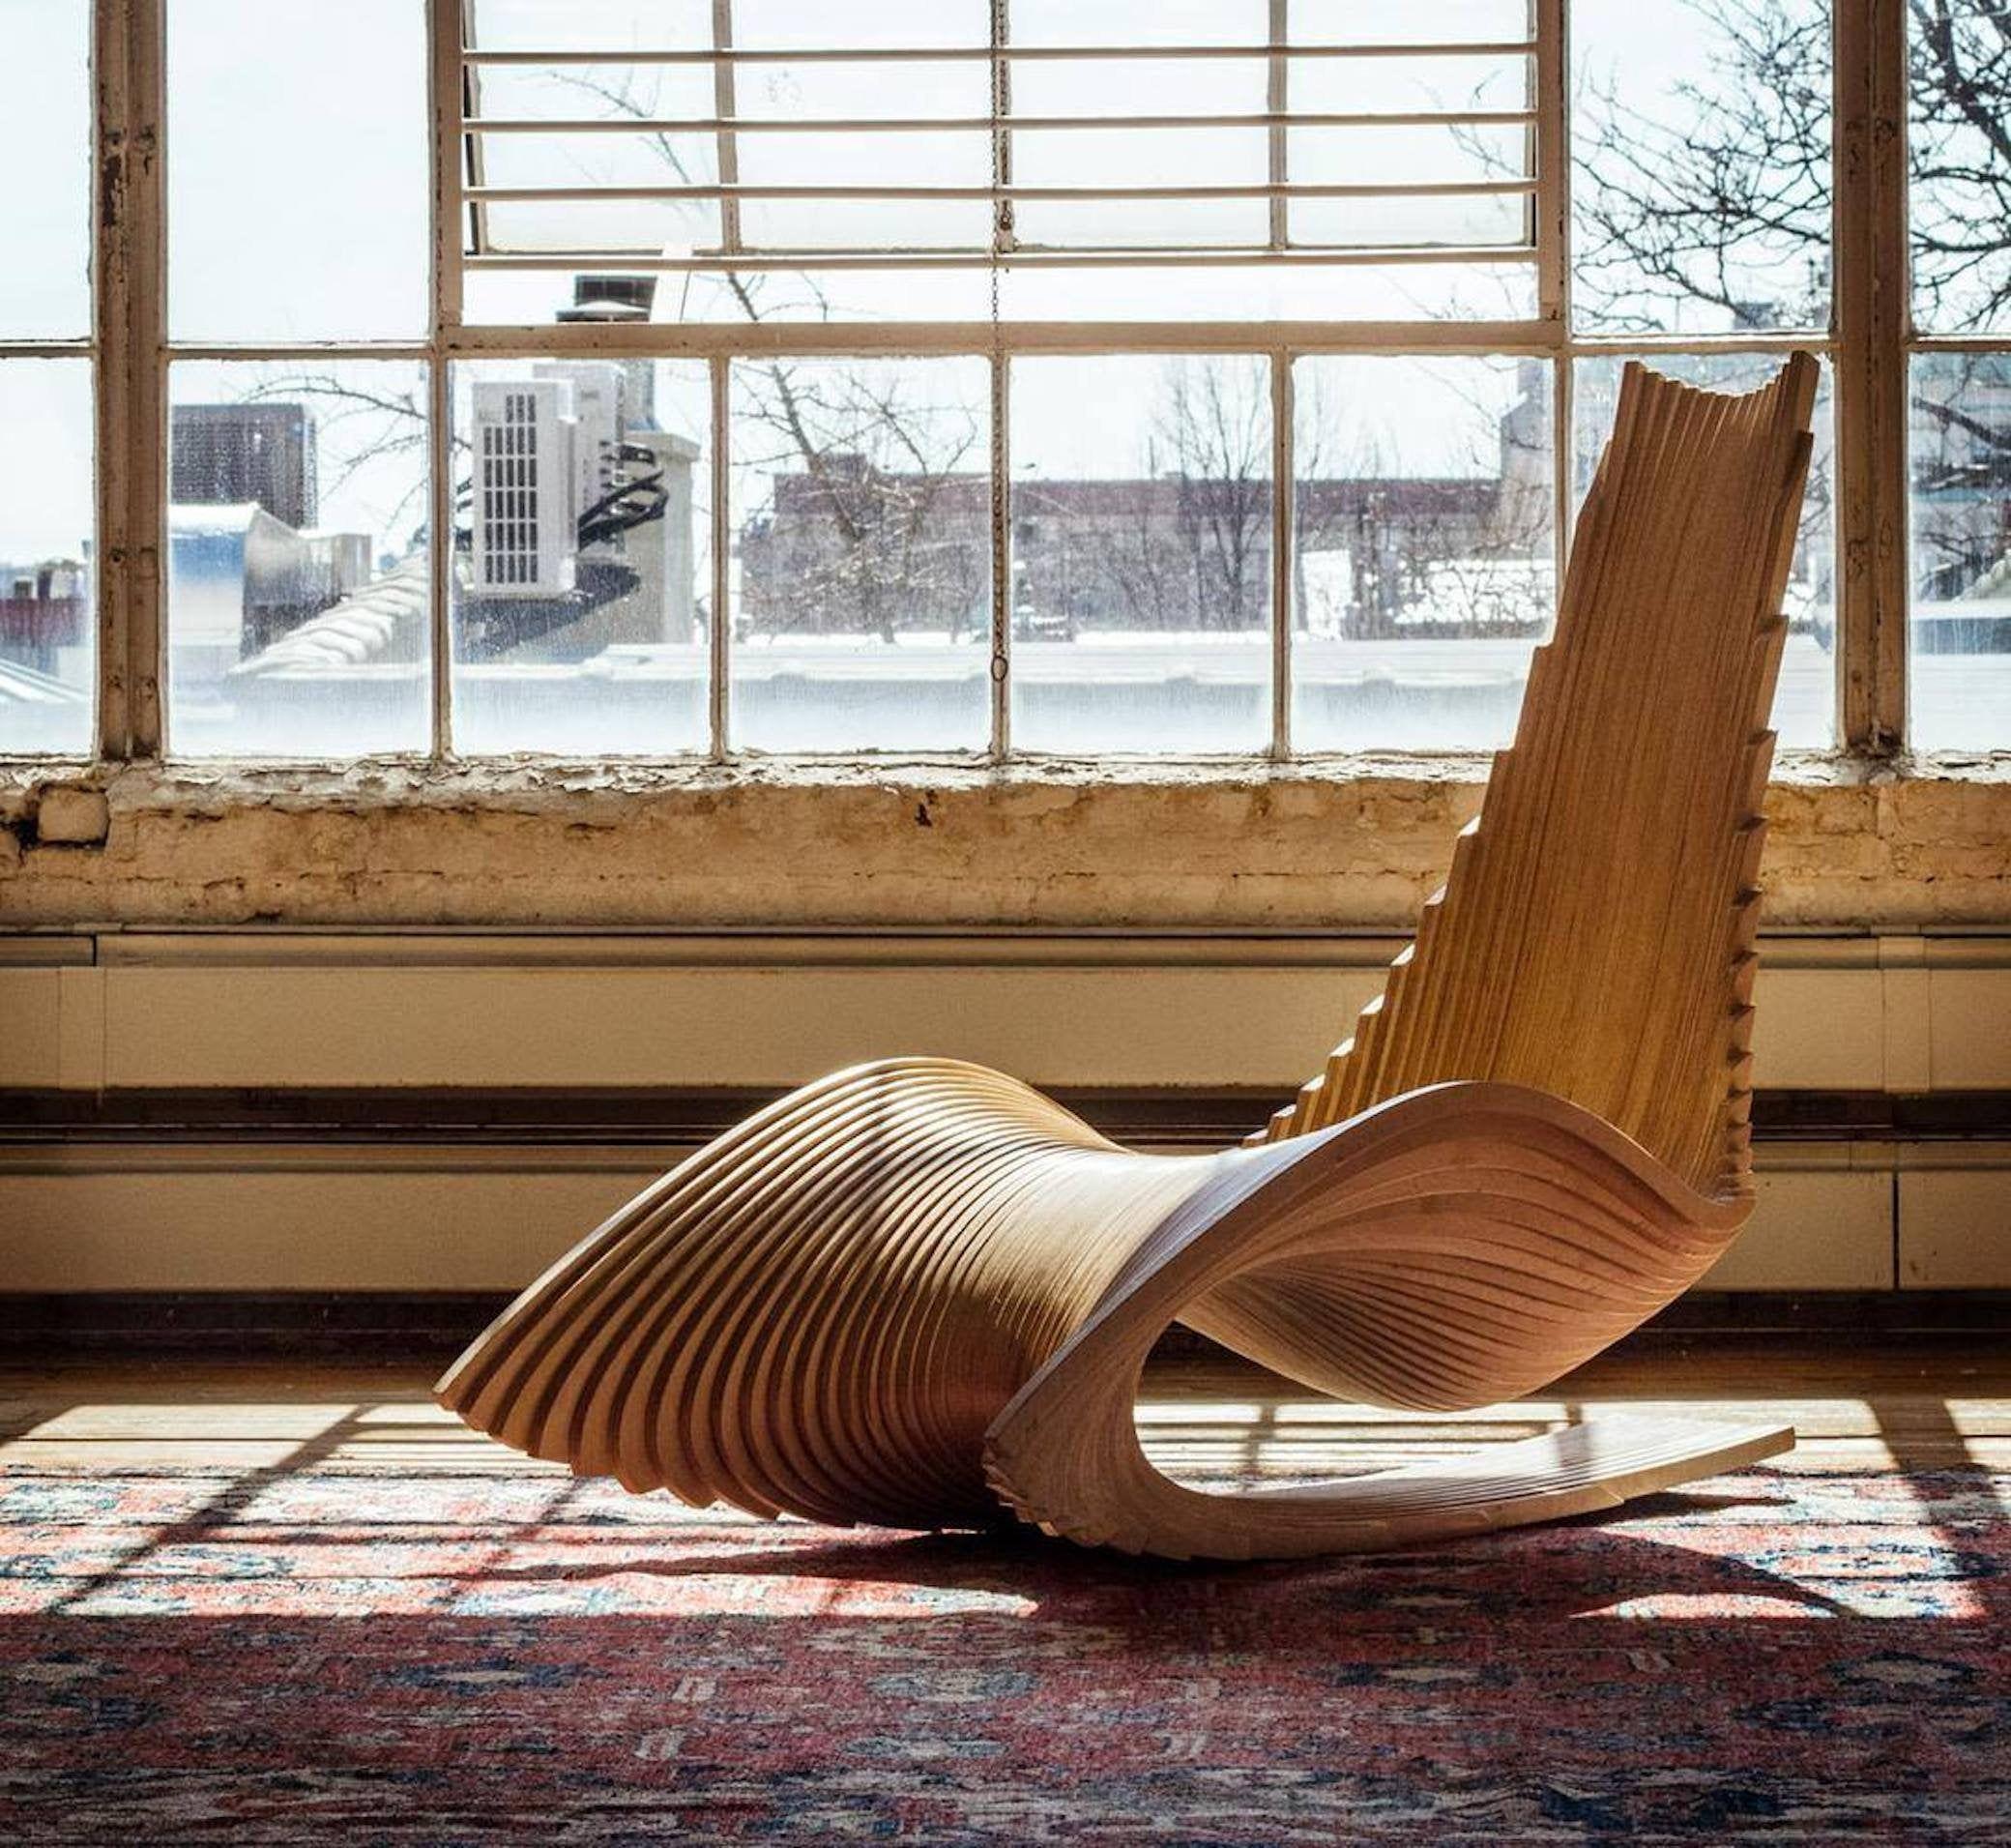 Chaise En Bois Fauteuil Design Canape Chaise Salon Sofa Seat Bench Chaise Vintage Fauteuil Vintage Fauteuil Scandinave Sculptural Chair Futuristic Furniture Wood Design